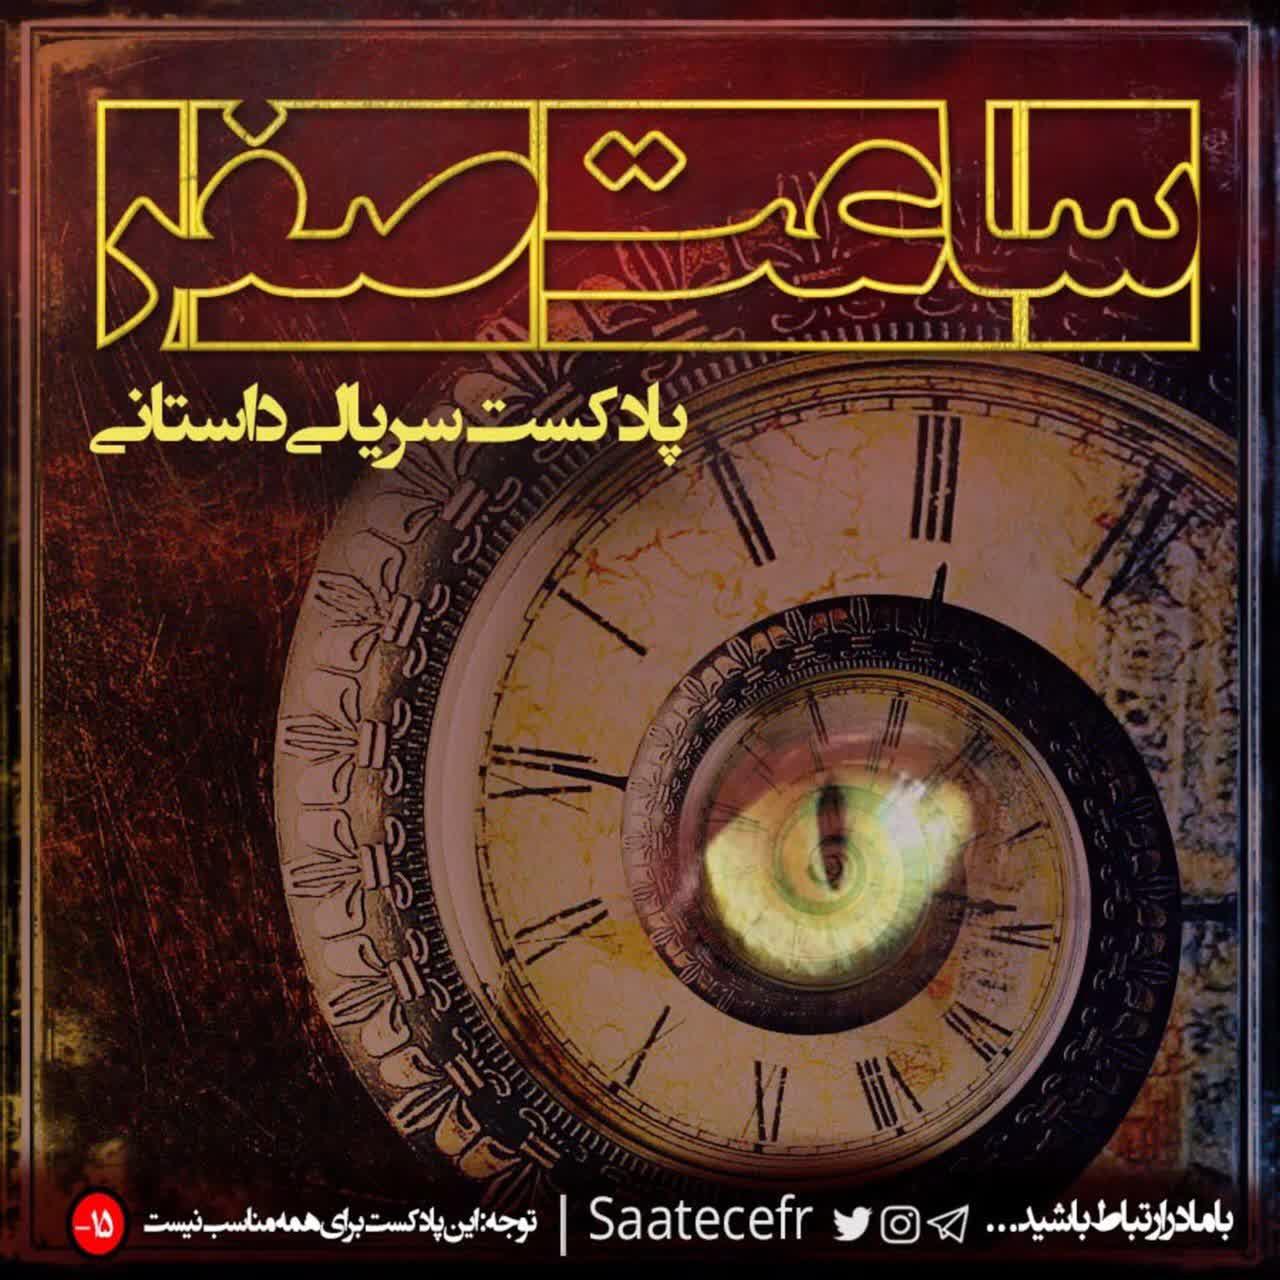 Saate Sefr | پادکست فارسی ساعت صفر:Amin Matin